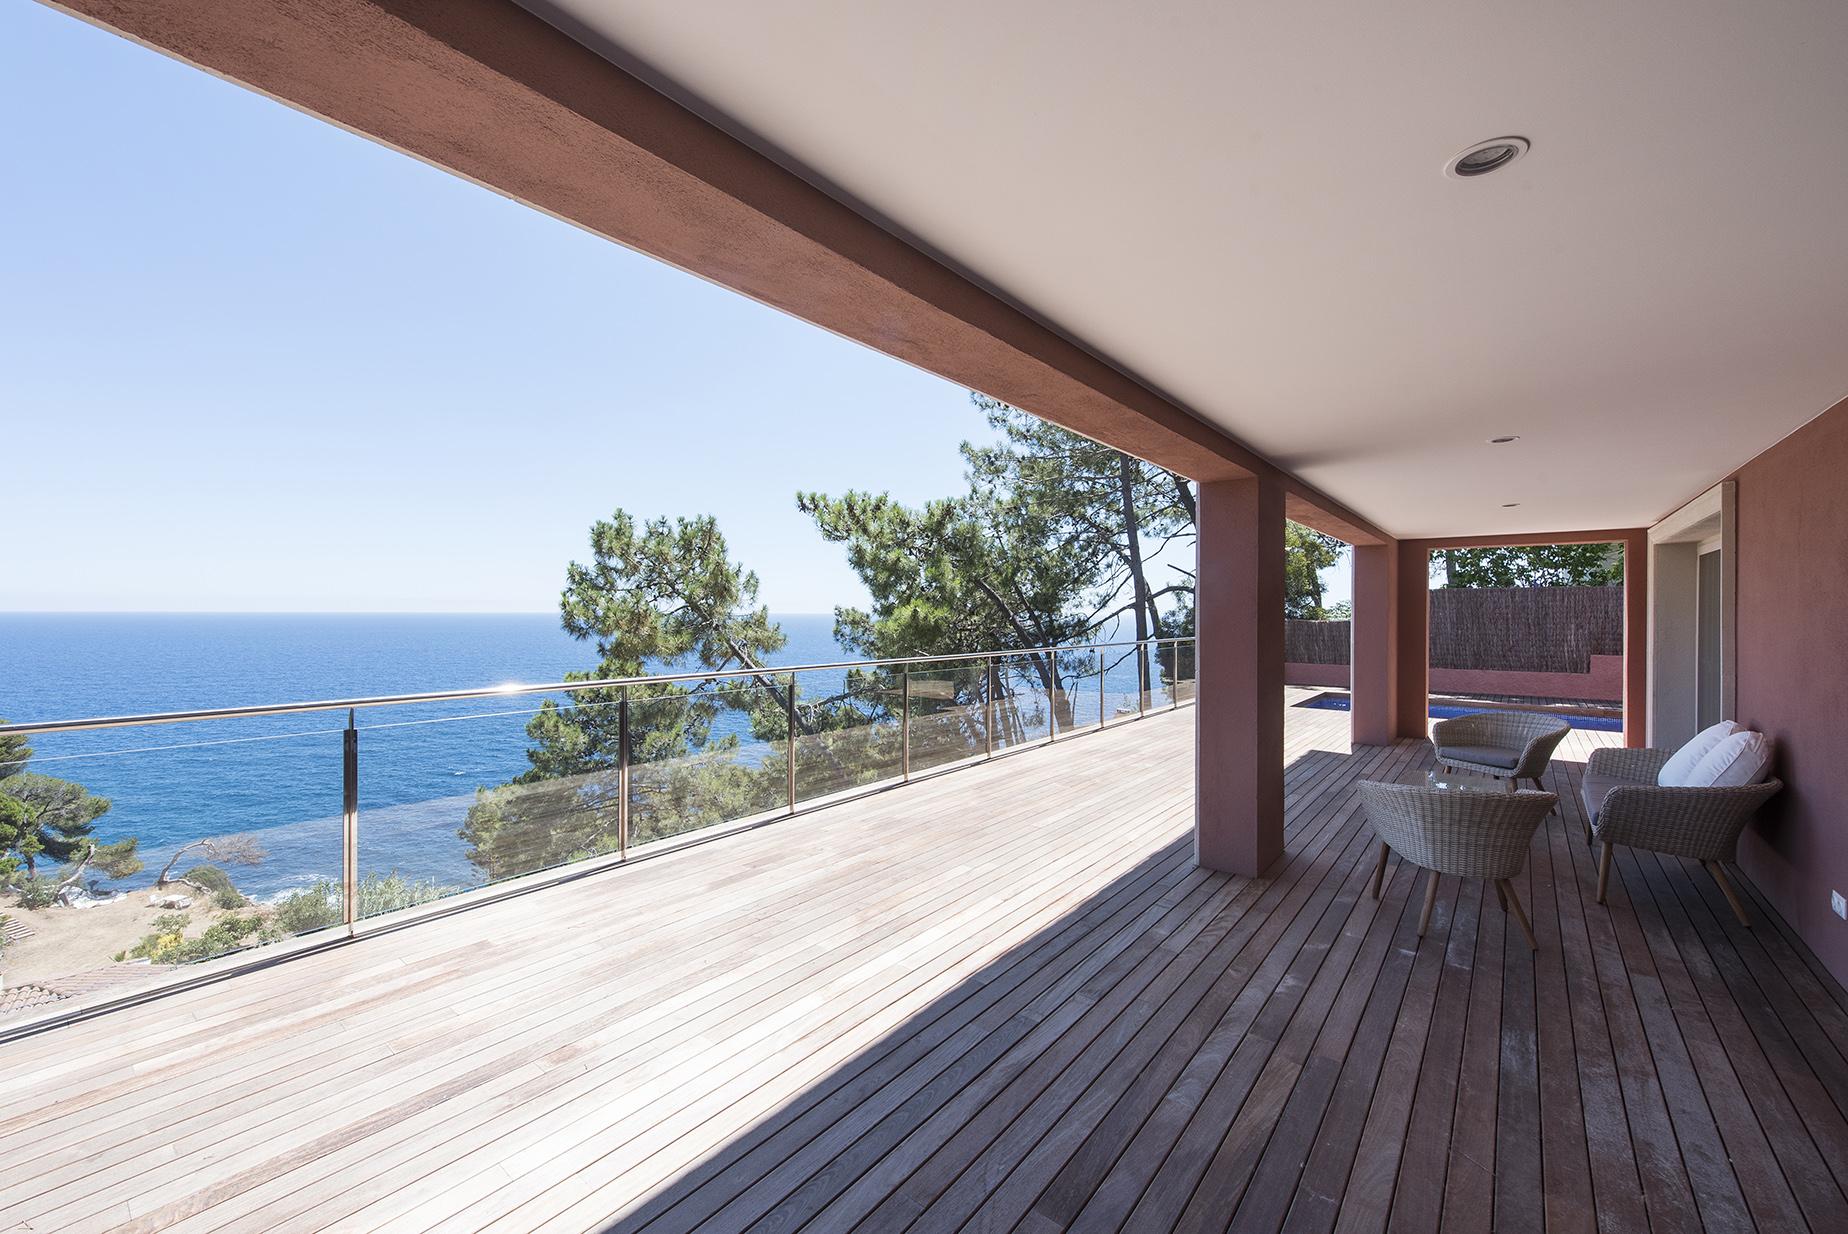 一戸建て のために 売買 アット Wonderful villa with sea views Lloret De Mar, Costa Brava, 17310 スペイン